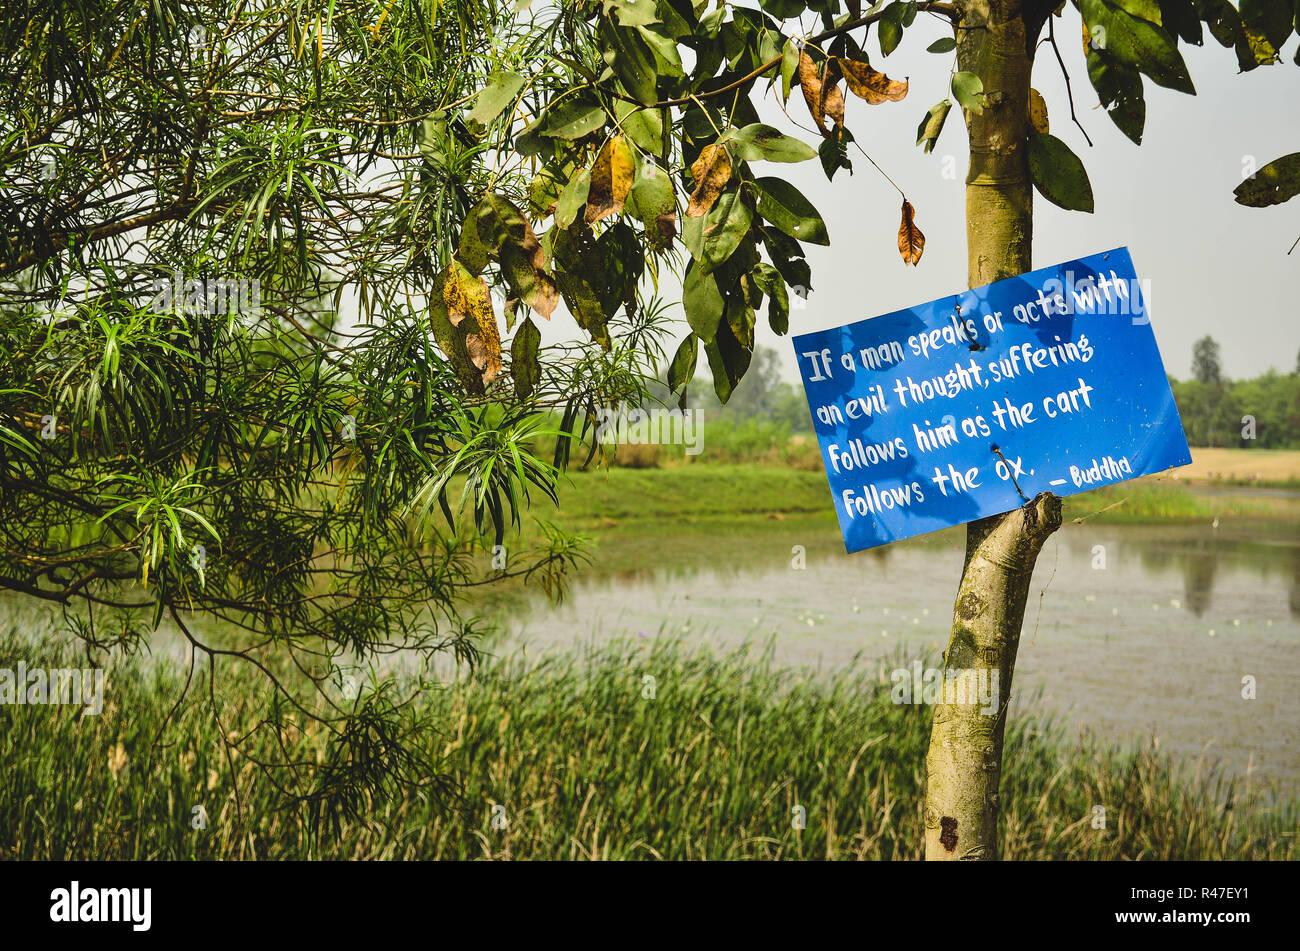 Lumbini Stock Photos & Lumbini Stock Images - Page 2 - Alamy